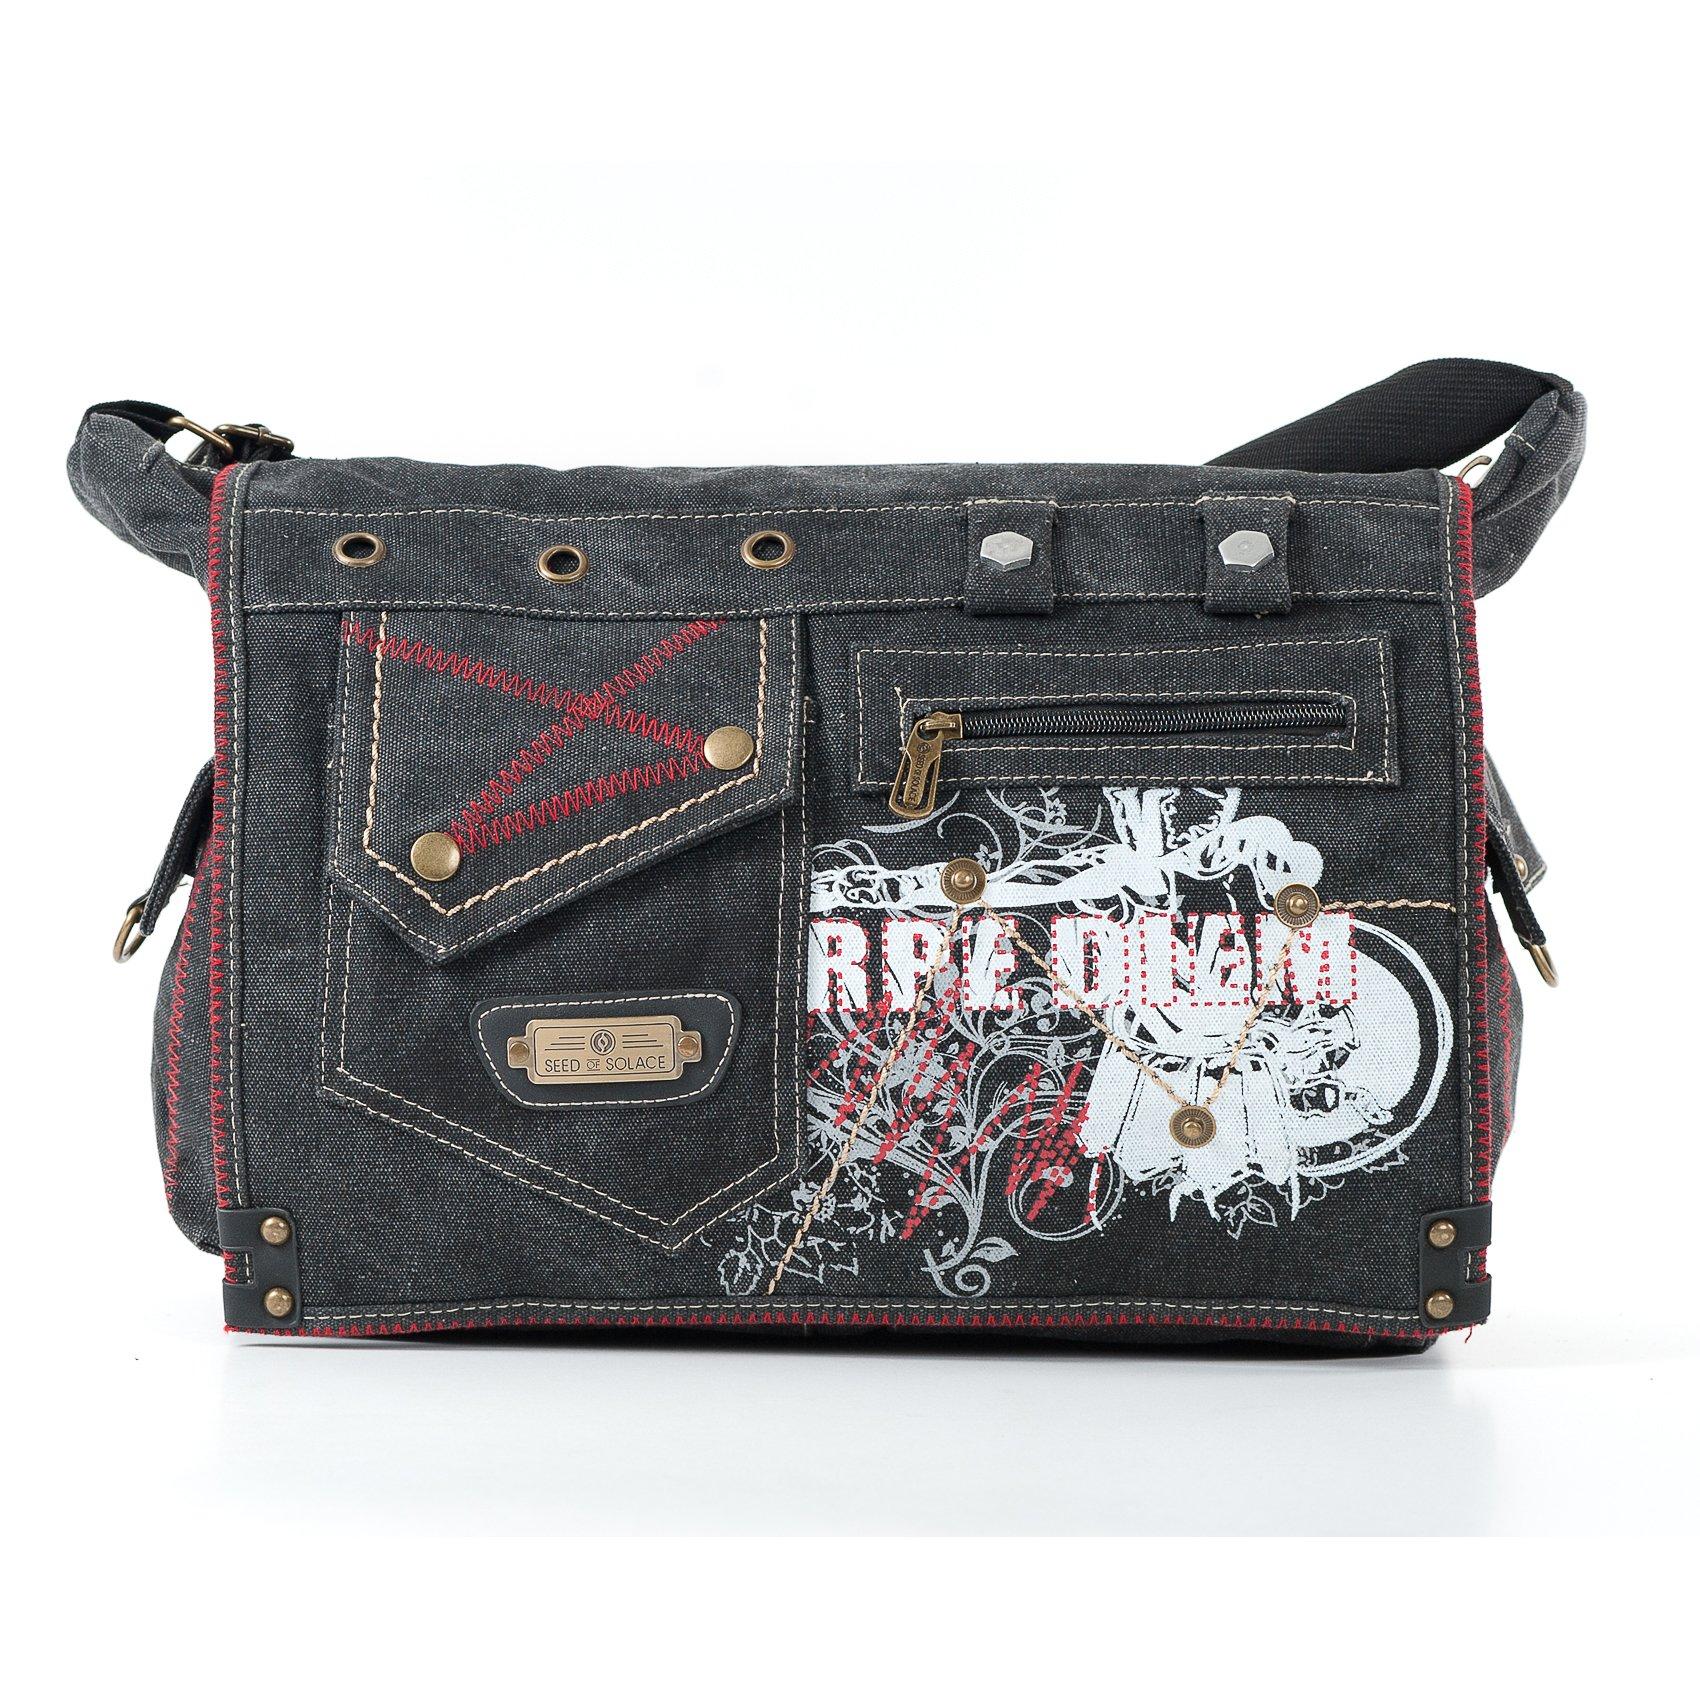 SOS Black Jeans Messenger Bag For School, Multifunctional Canvas Shoulder Bag for Work, Students, and Messenger Cross Shoulder Diaper Bag for Moms and Dadsl - Nocturnal